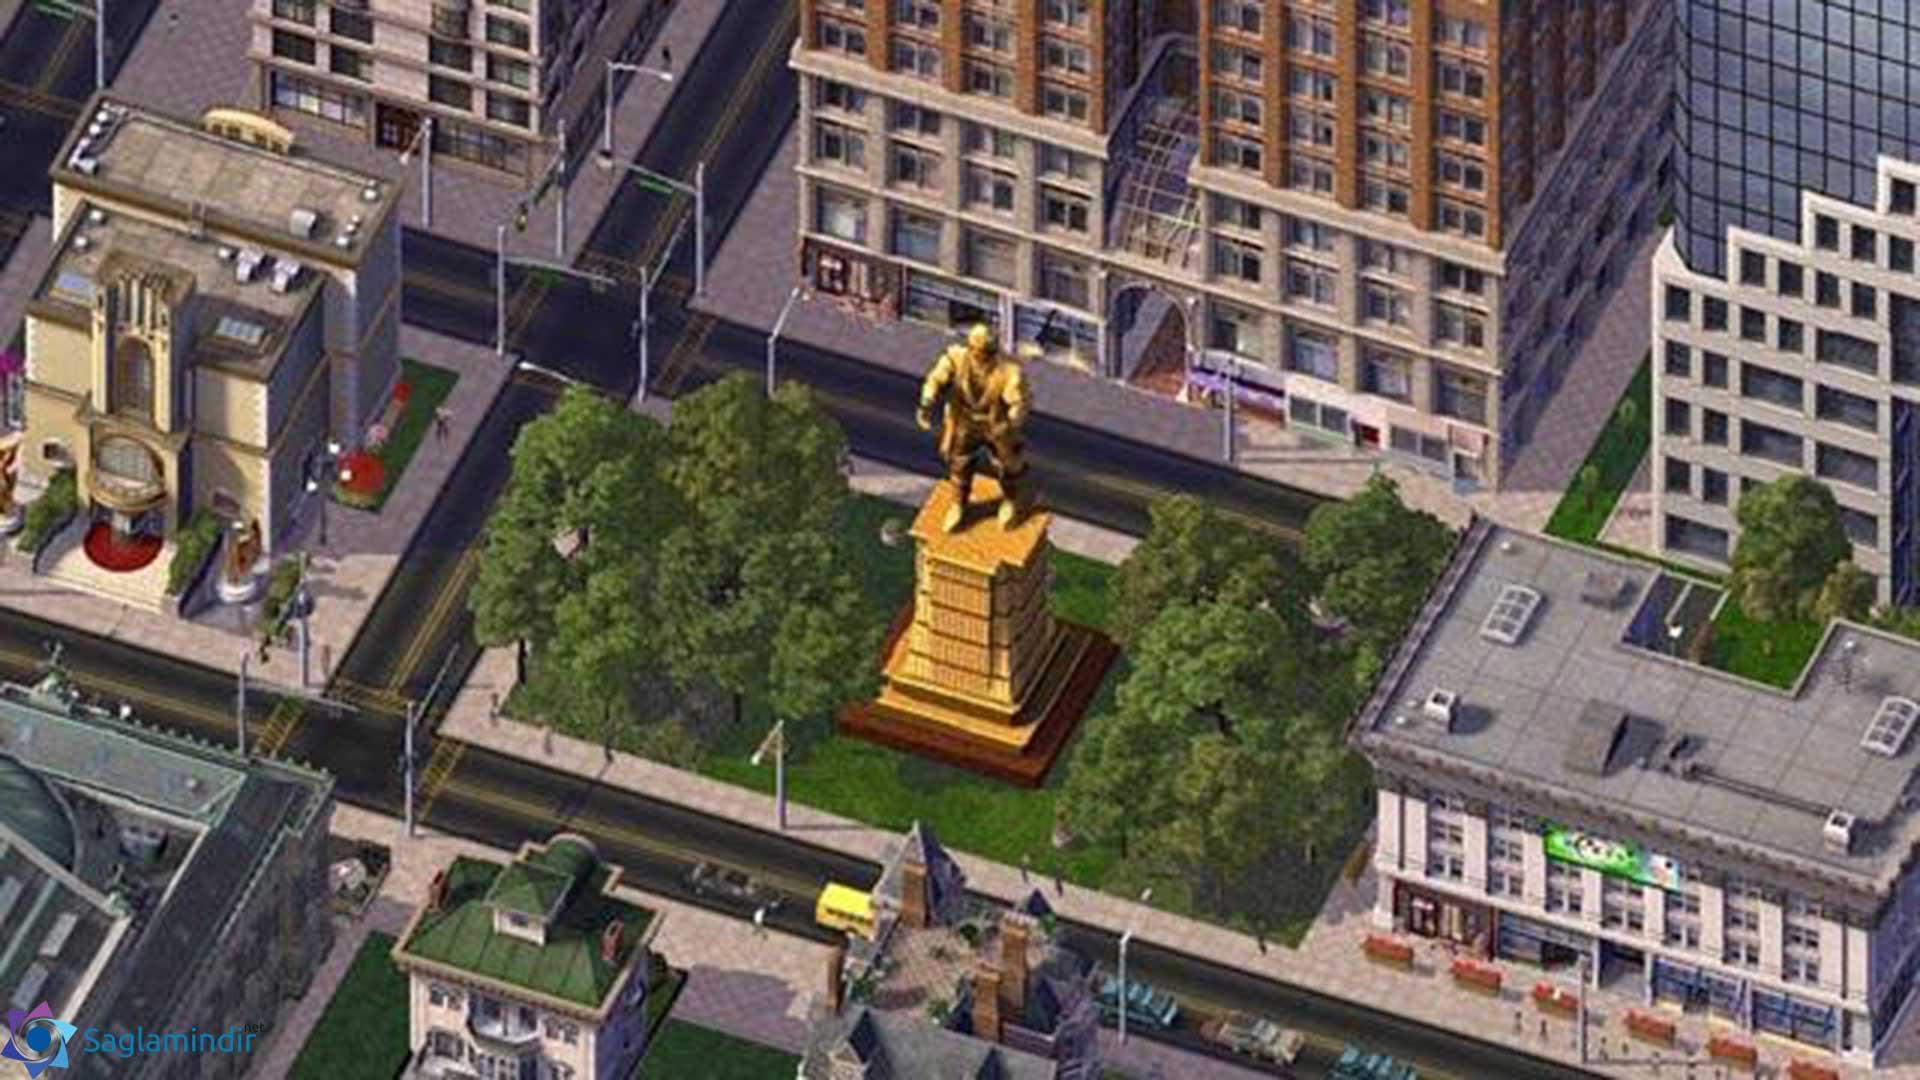 SimCity 4 saglamindir